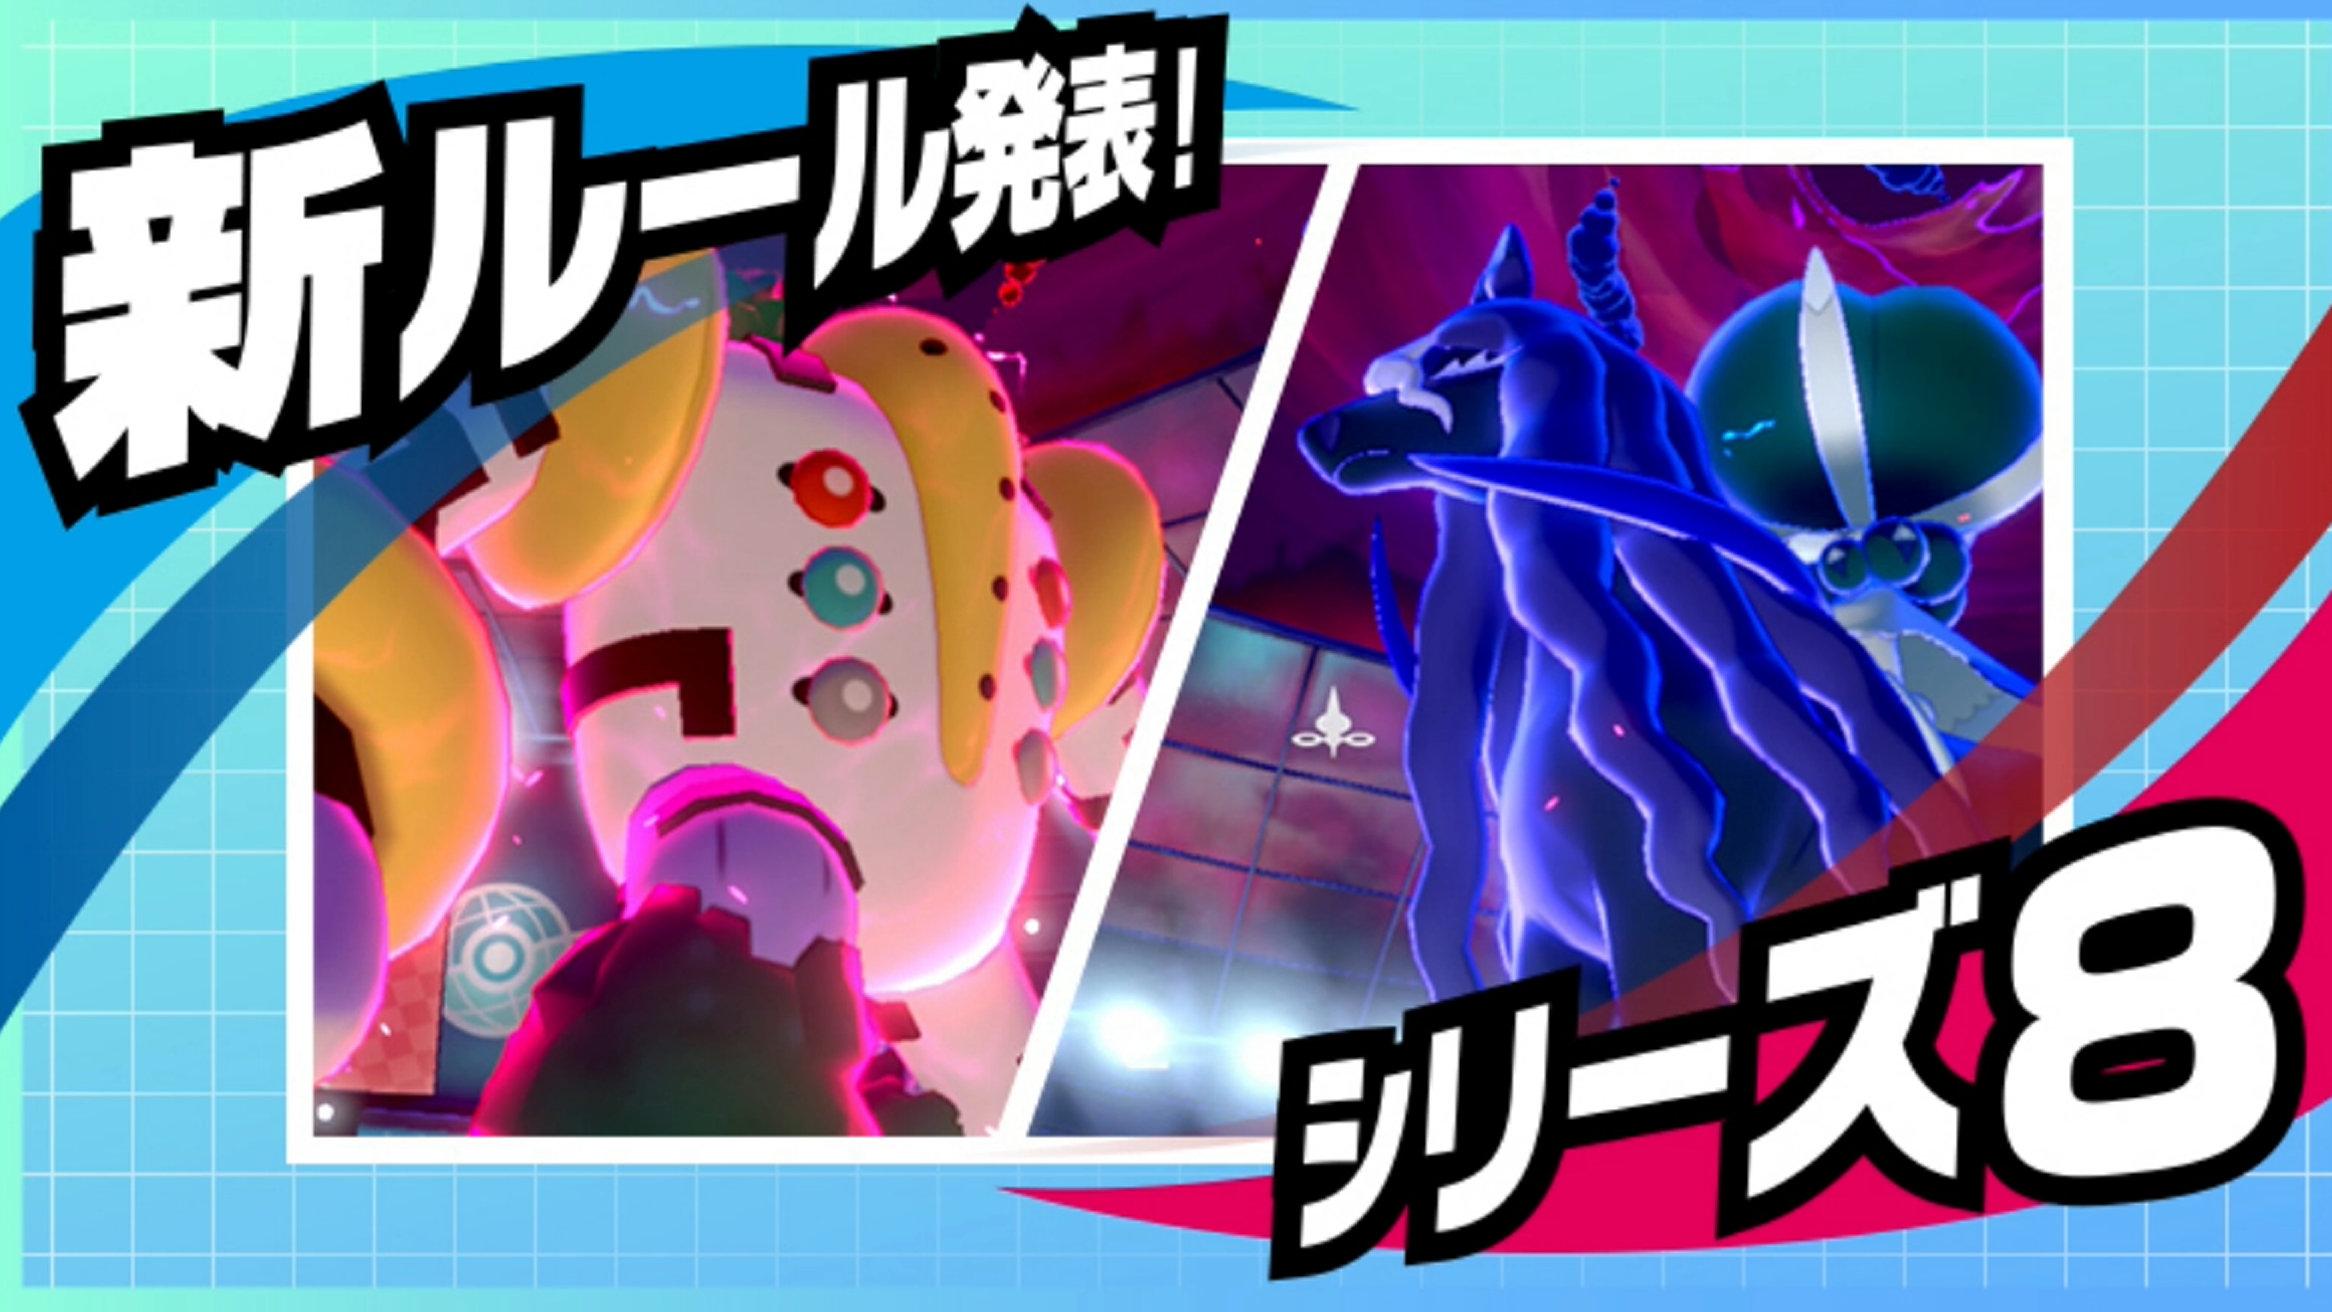 ポケモン ソード シールド、ランクバトル シリーズ8で伝説ポケモン